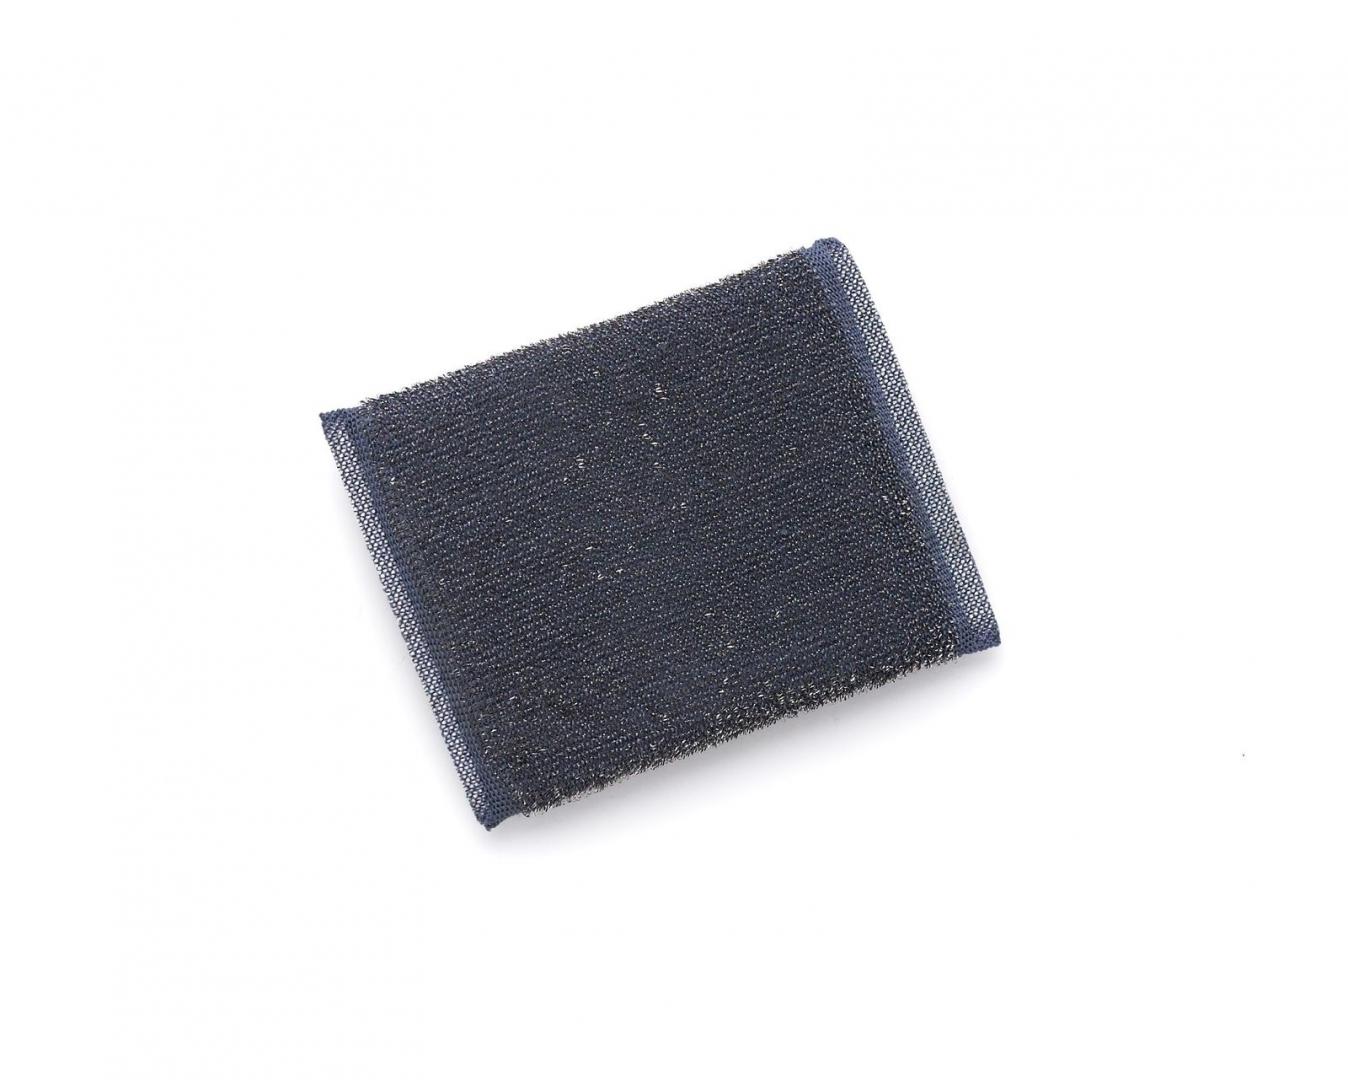 Мочалка абразивная с волокнами из нерж.стали по цене 107